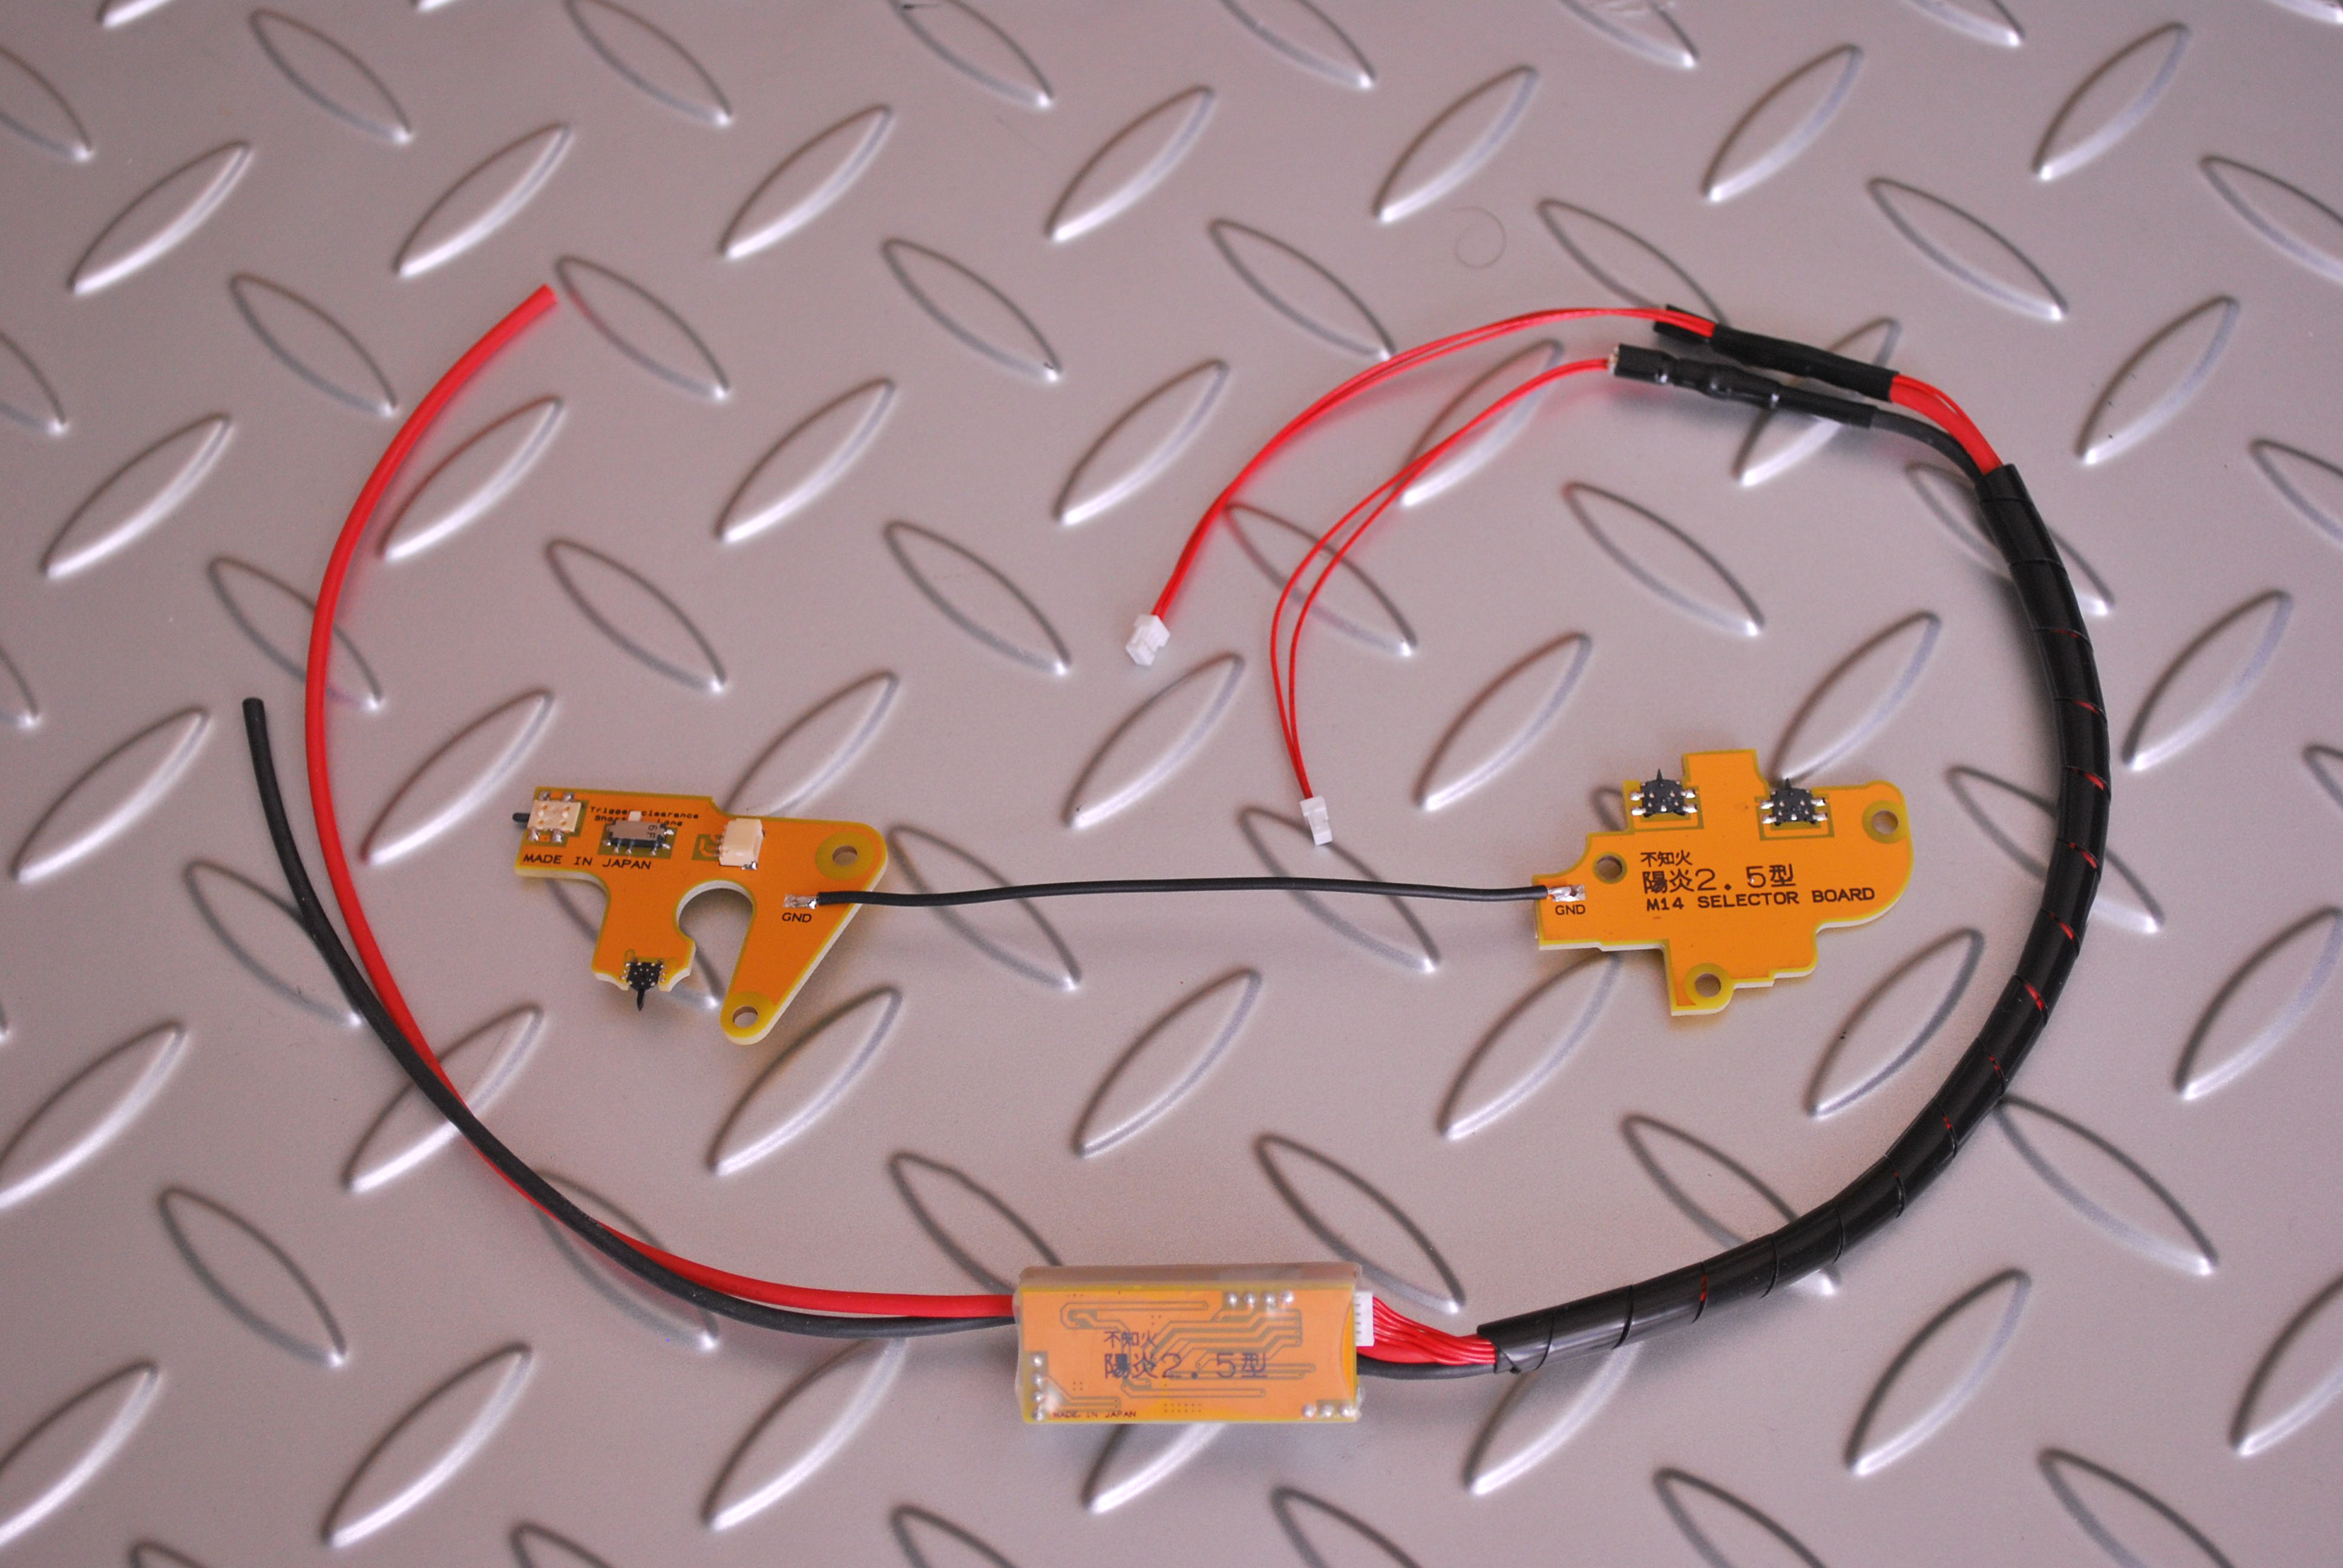 陽炎2.5型 M14 Ver7メカボックス用 電動ガン用電子トリガーハイパフォーマンスモデル